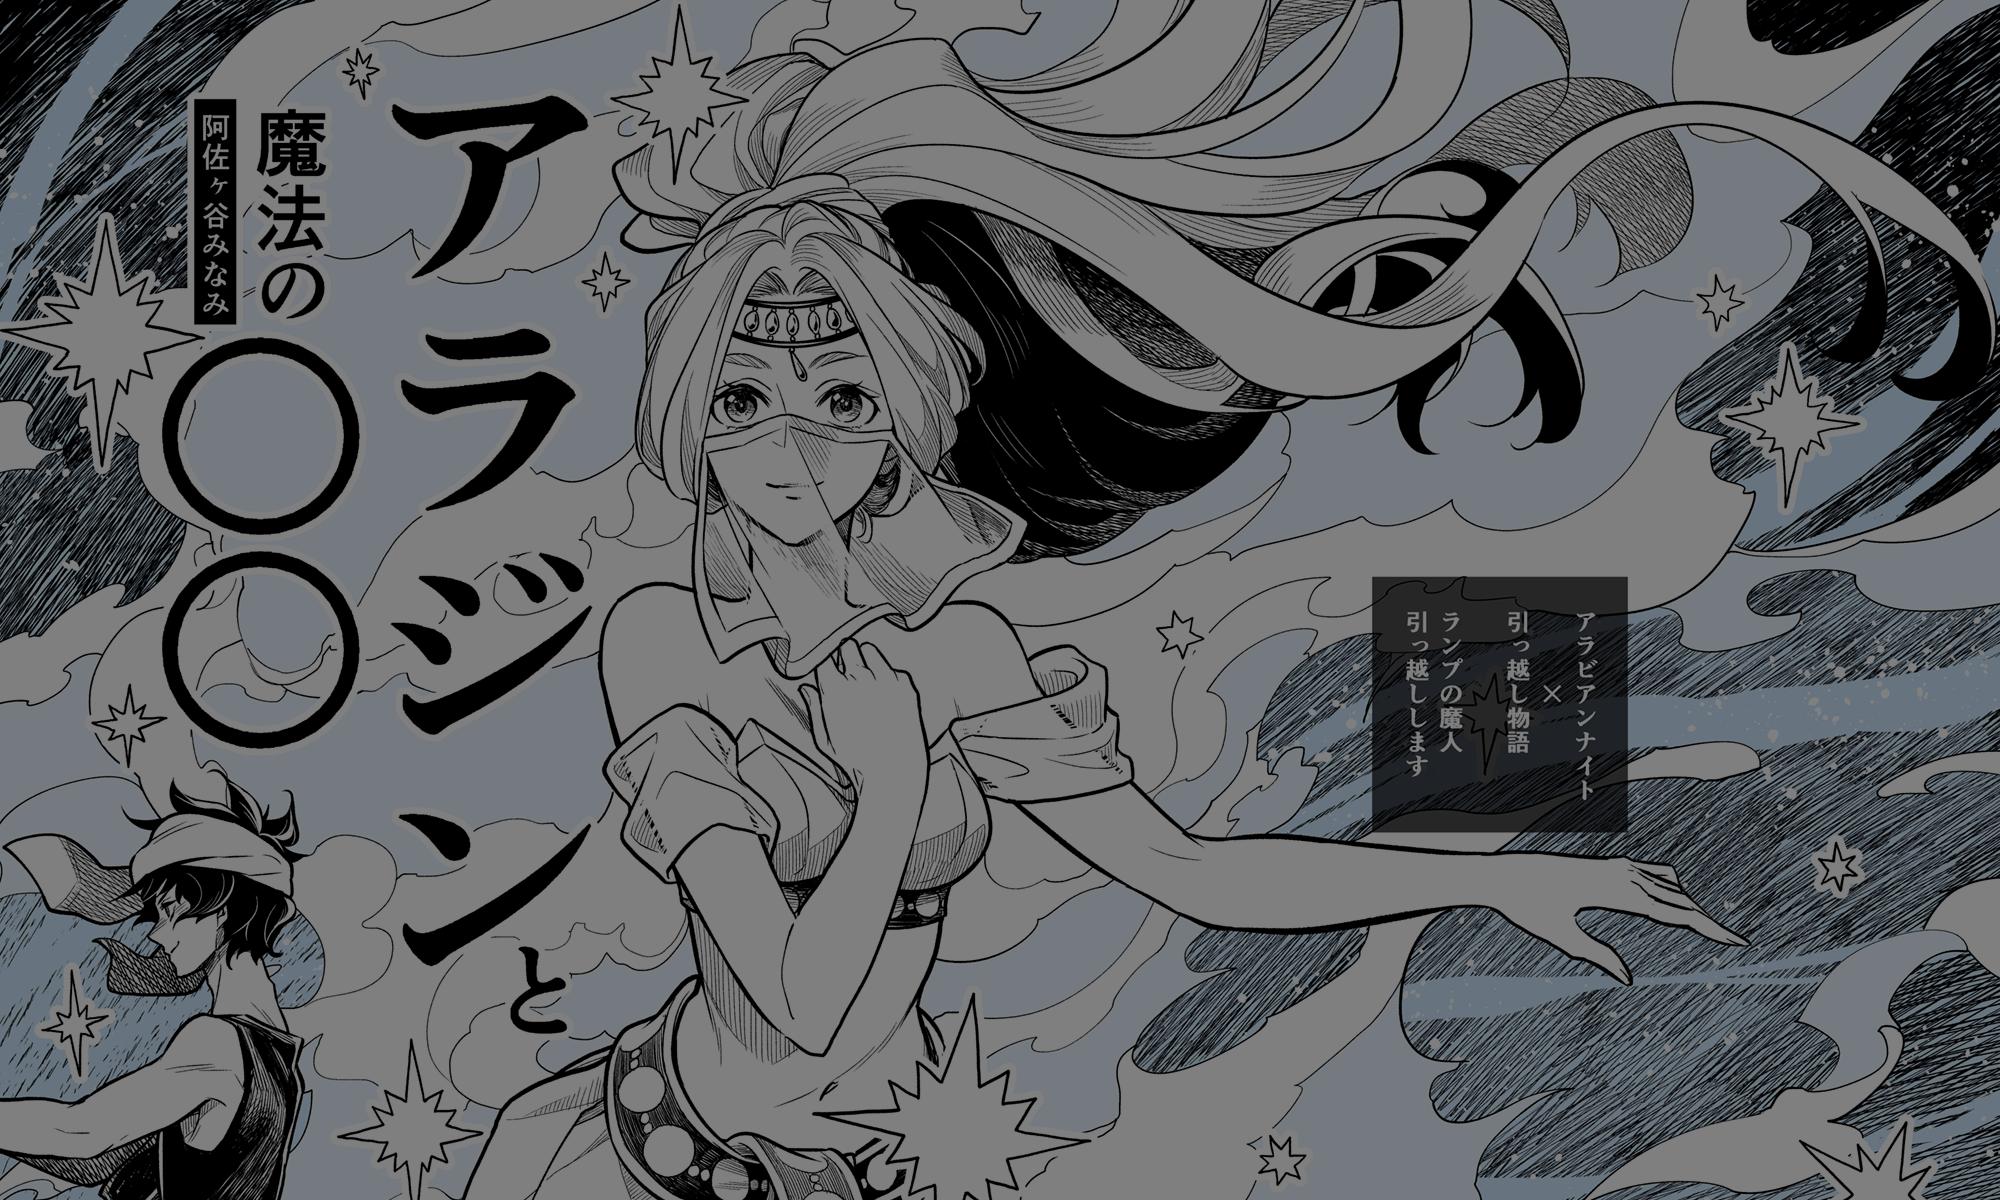 阿佐ヶ谷みなみ.com